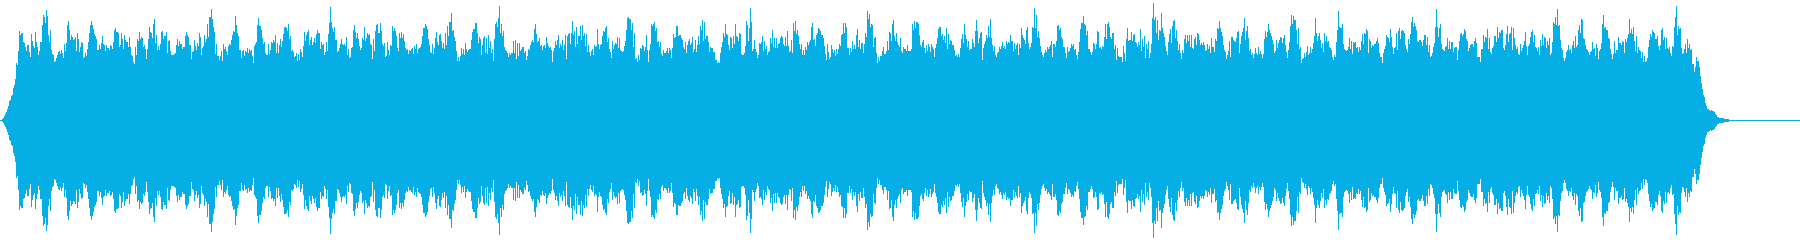 遅いパルス光波パルス、光波の再生済みの波形